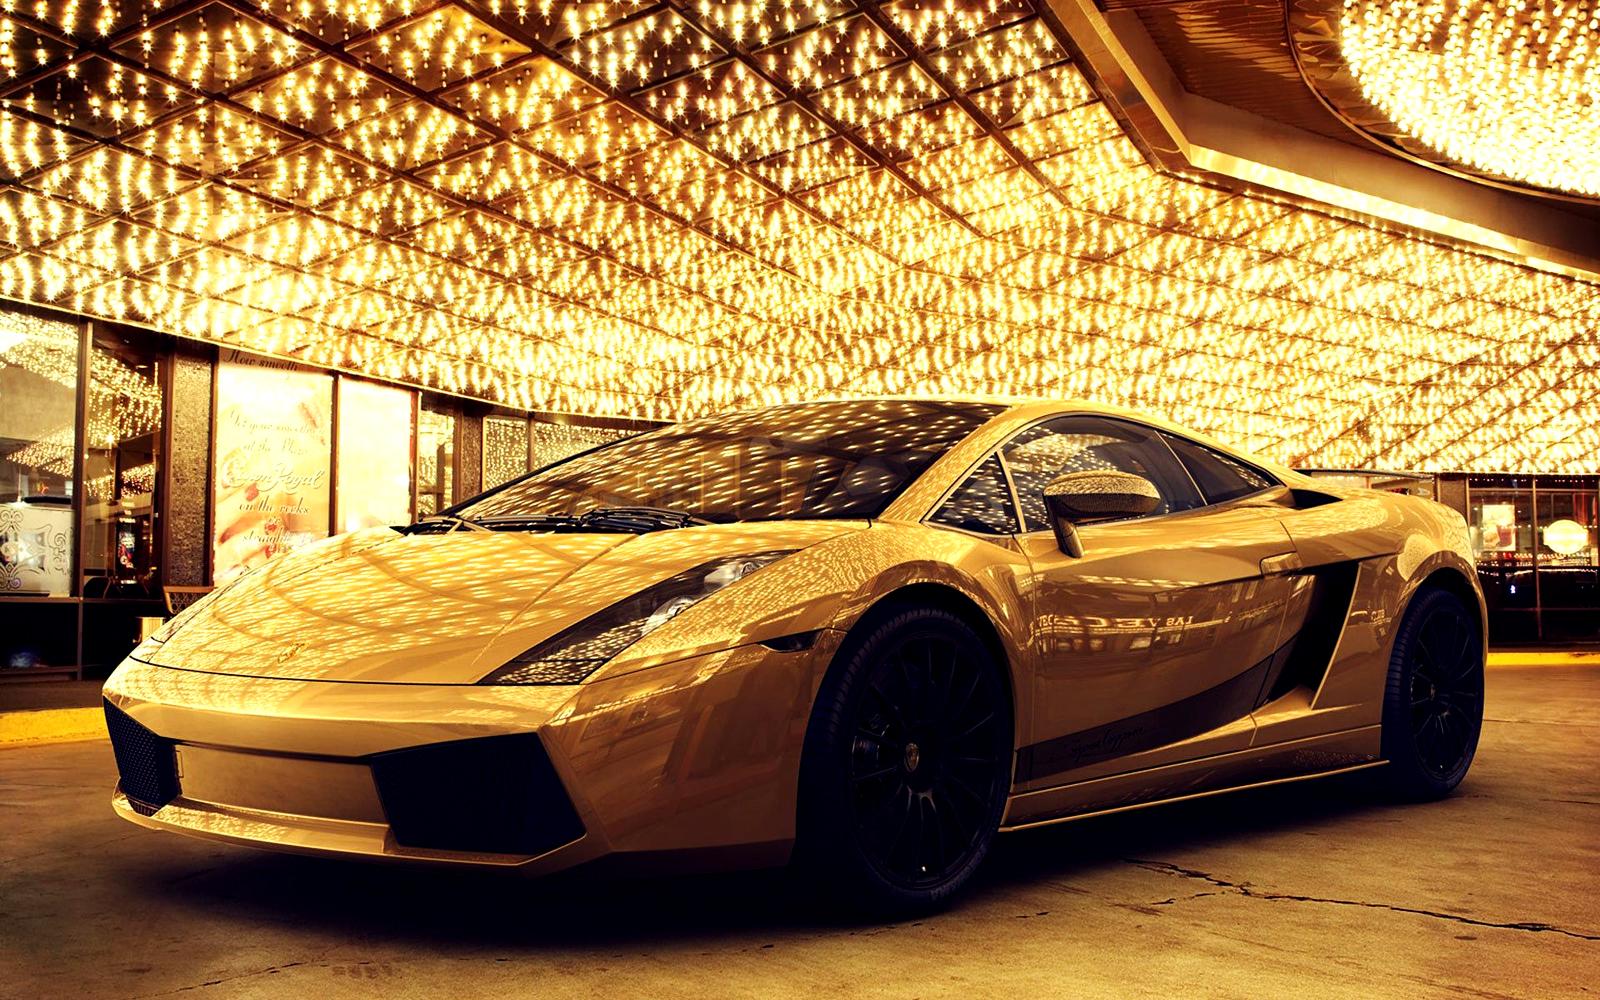 http://2.bp.blogspot.com/-CgYs56rZ3NA/TyVBJ9LyuaI/AAAAAAAAAZk/9oxt5ZhY44M/s1600/Golden_Lamborghini_Gallardo_Luxery_Car_HD_Wallpaper-Vvallpaper.Net.jpg